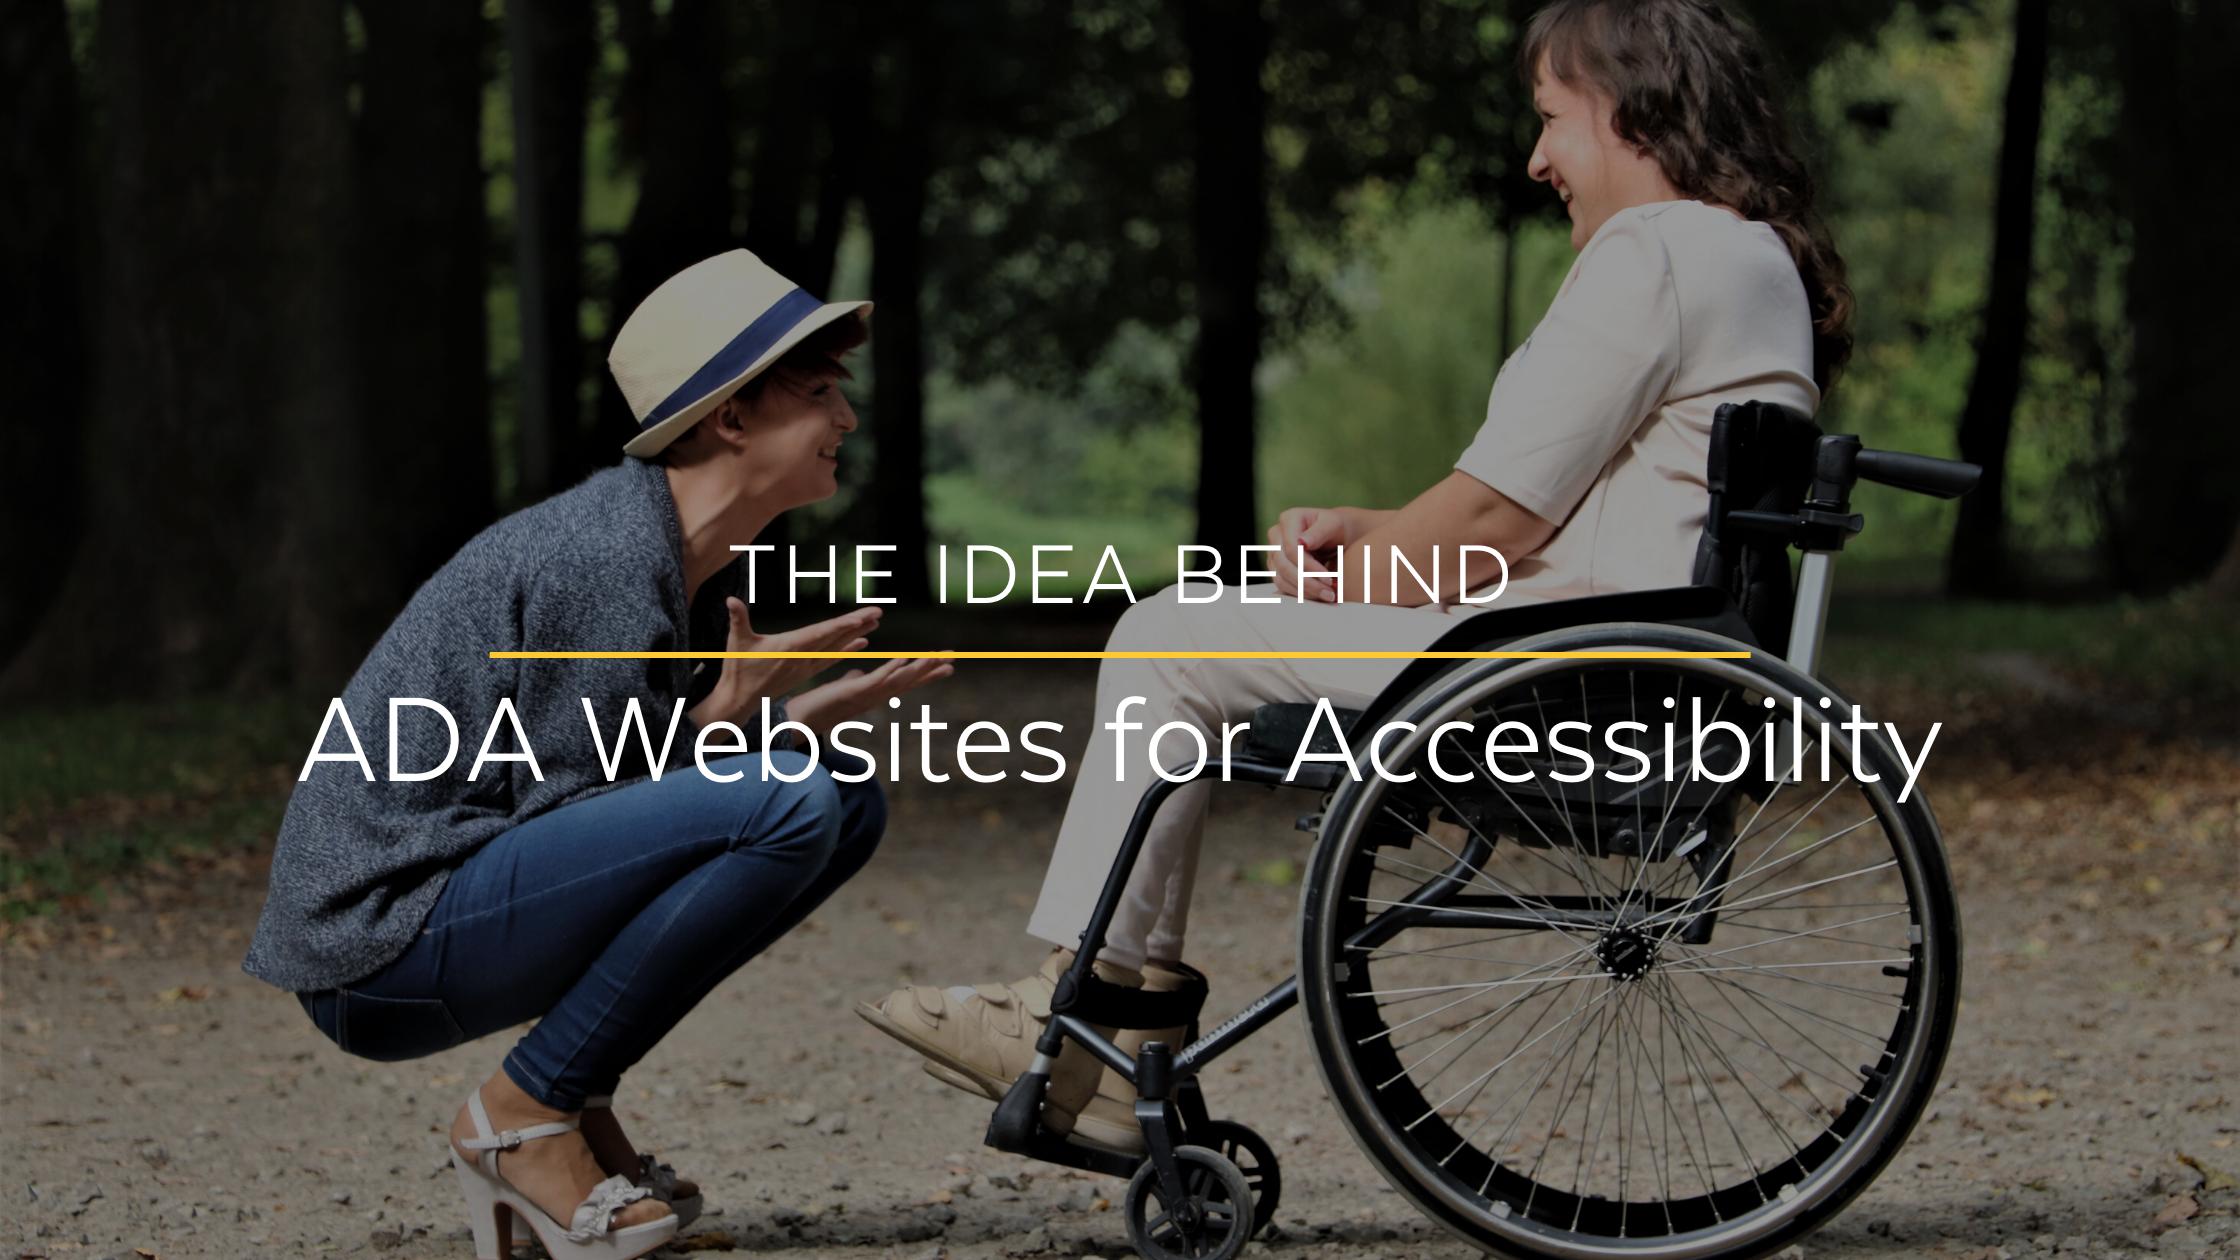 Blind Man and Guide Dog | Designing ADA Websites | Lakeland ADA Website Compliance